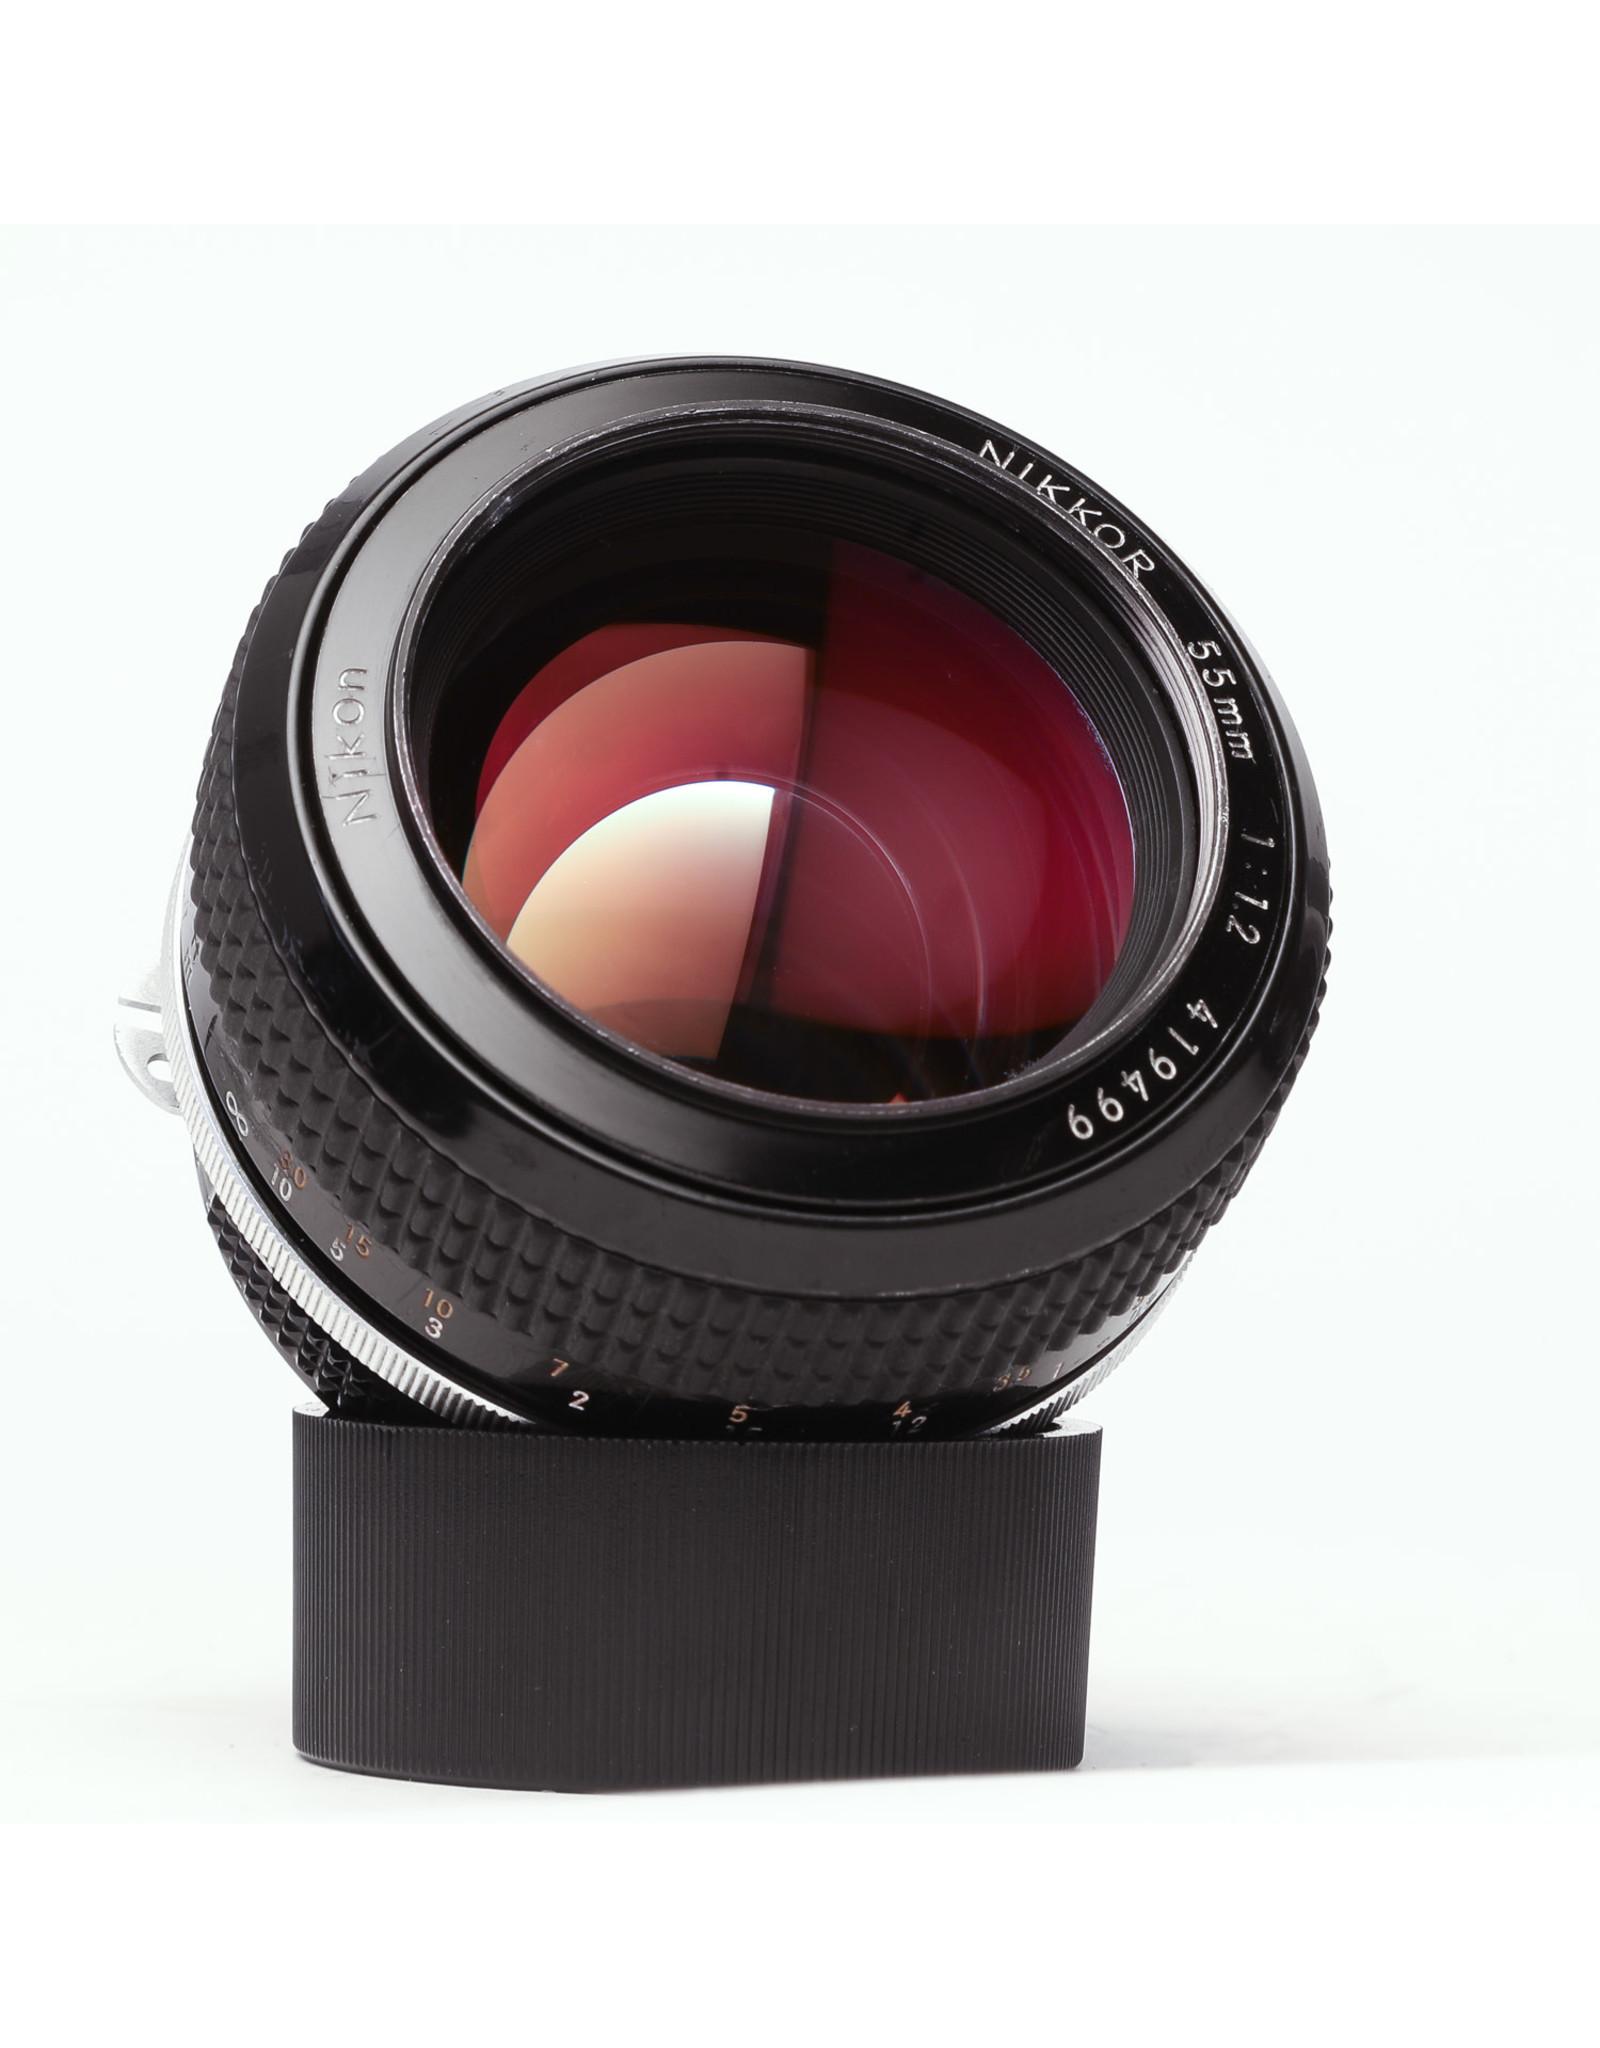 Nikon Nikon NIKKOR 55mm f/1.2 Ai S Lens